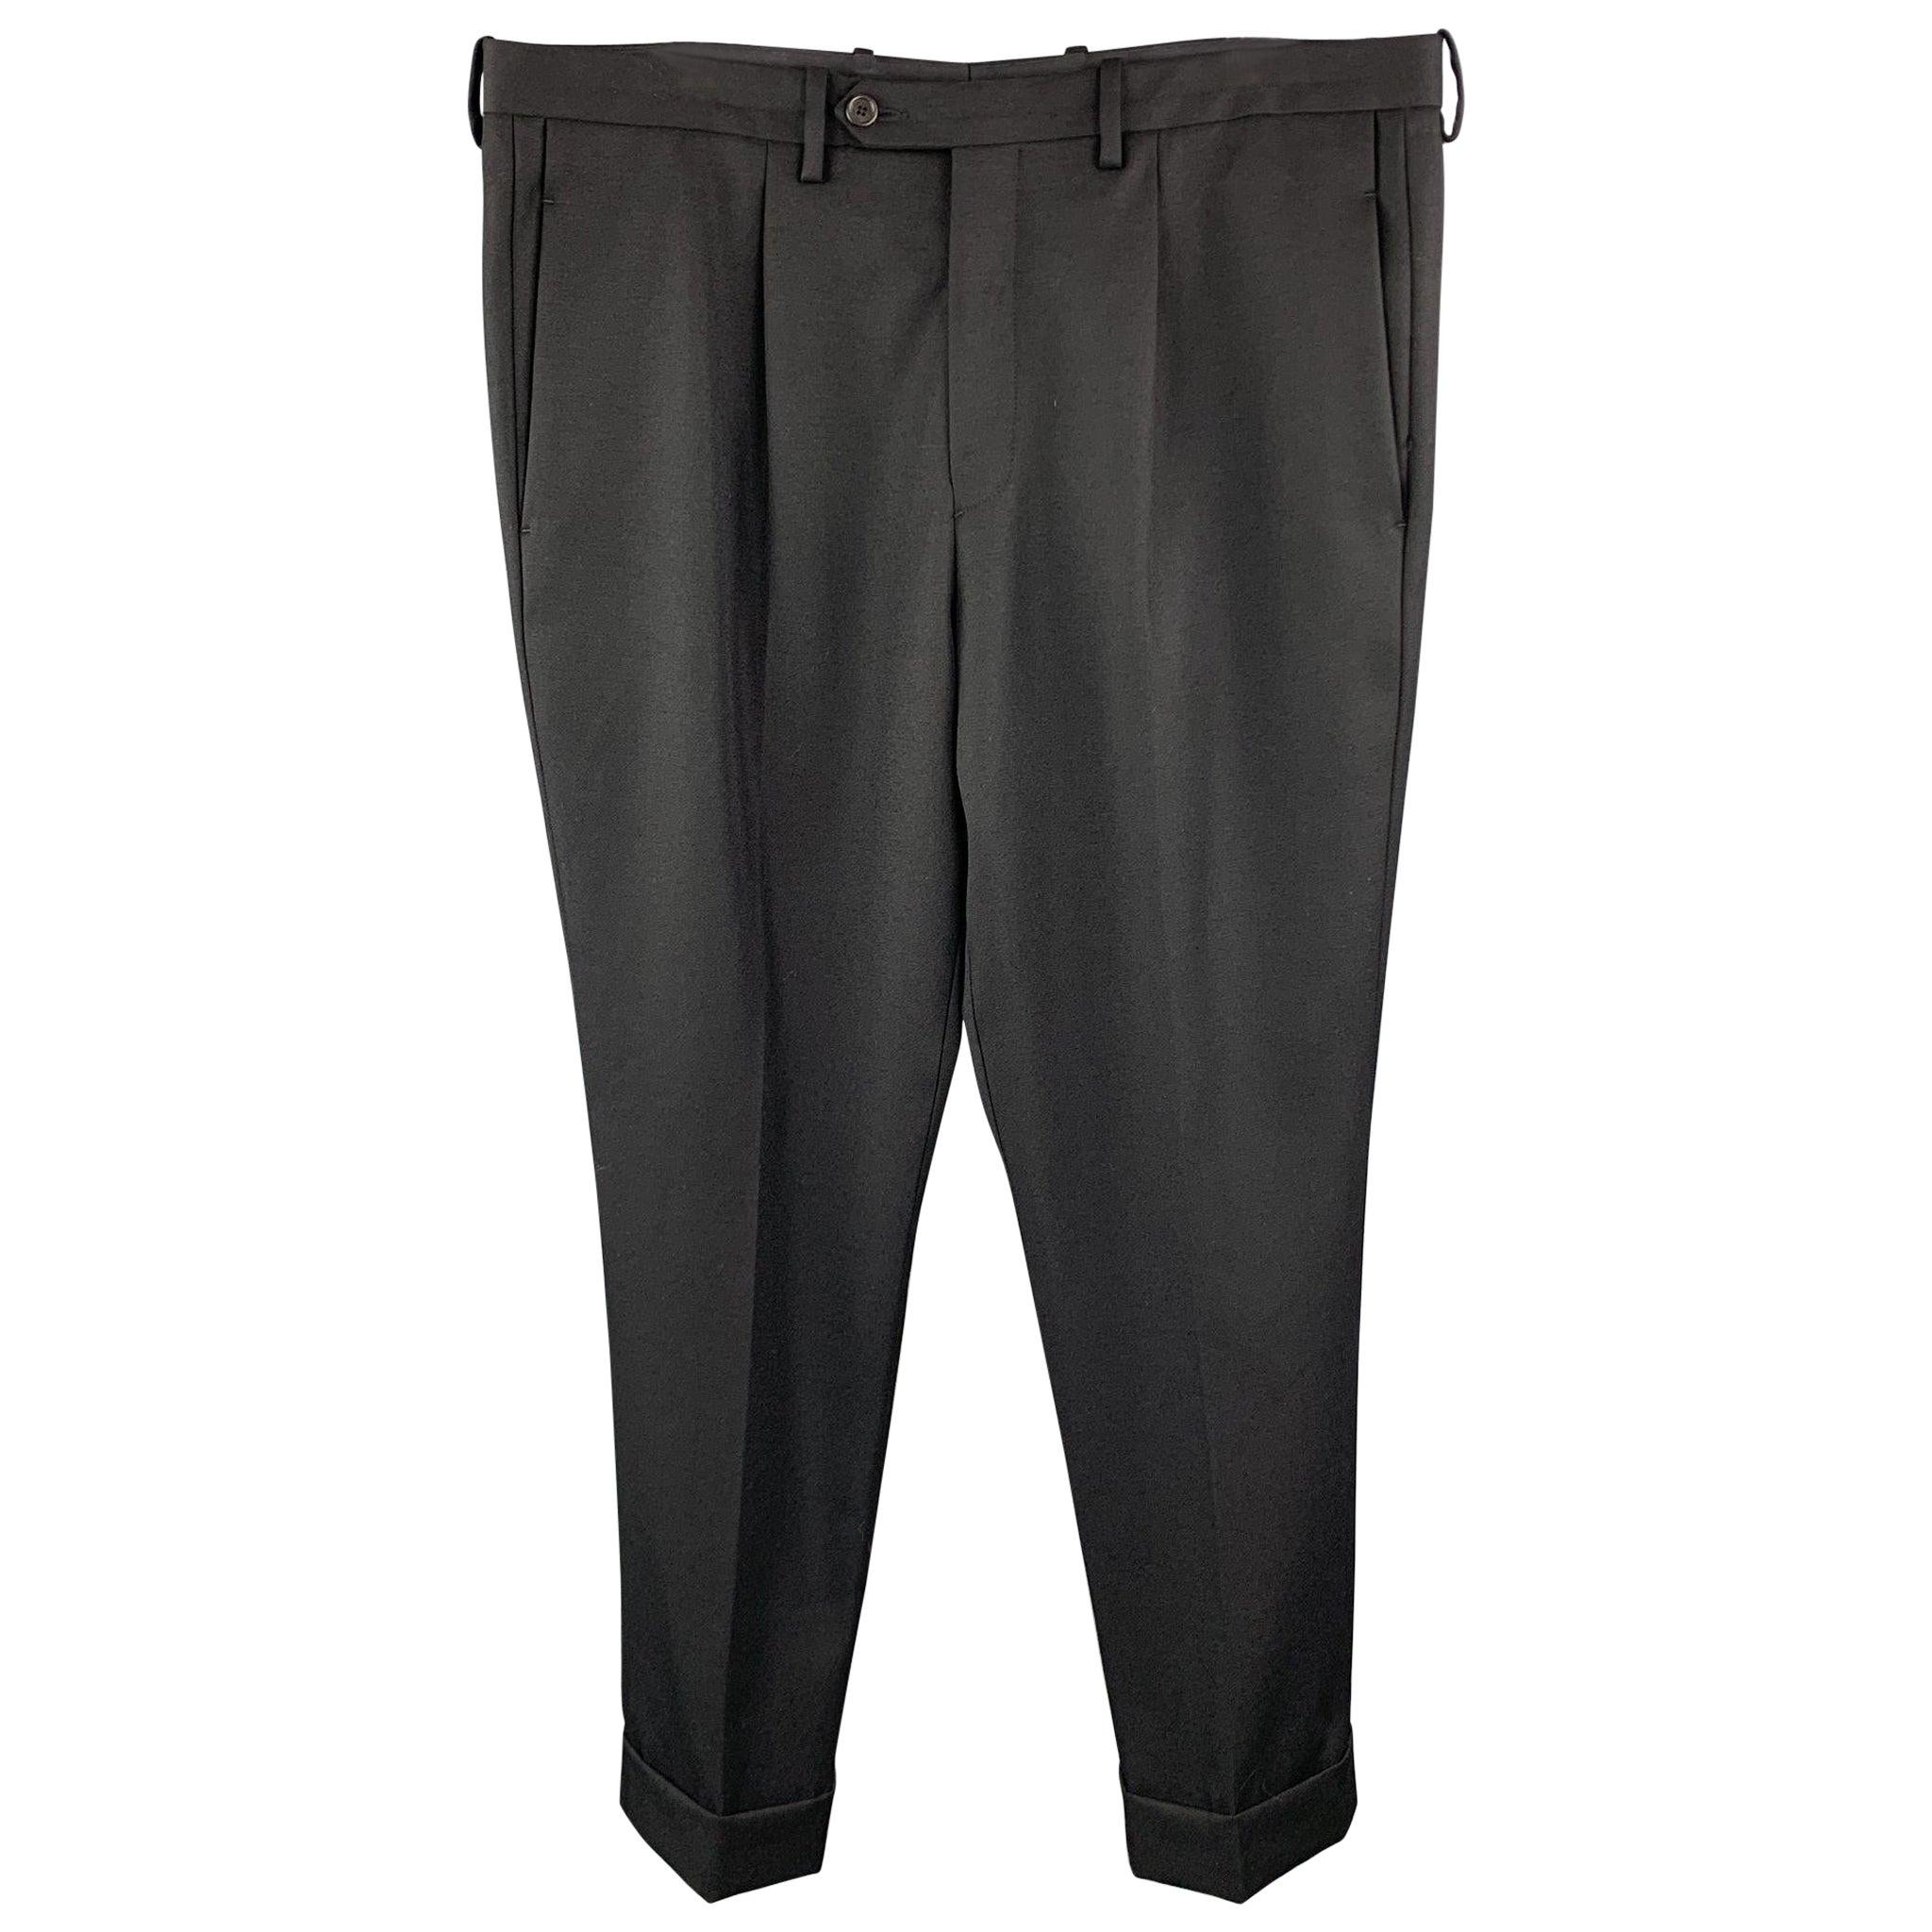 NEIL BARRETT Size 36 Black Twill Wool Pleated Cuffed Dress Pants